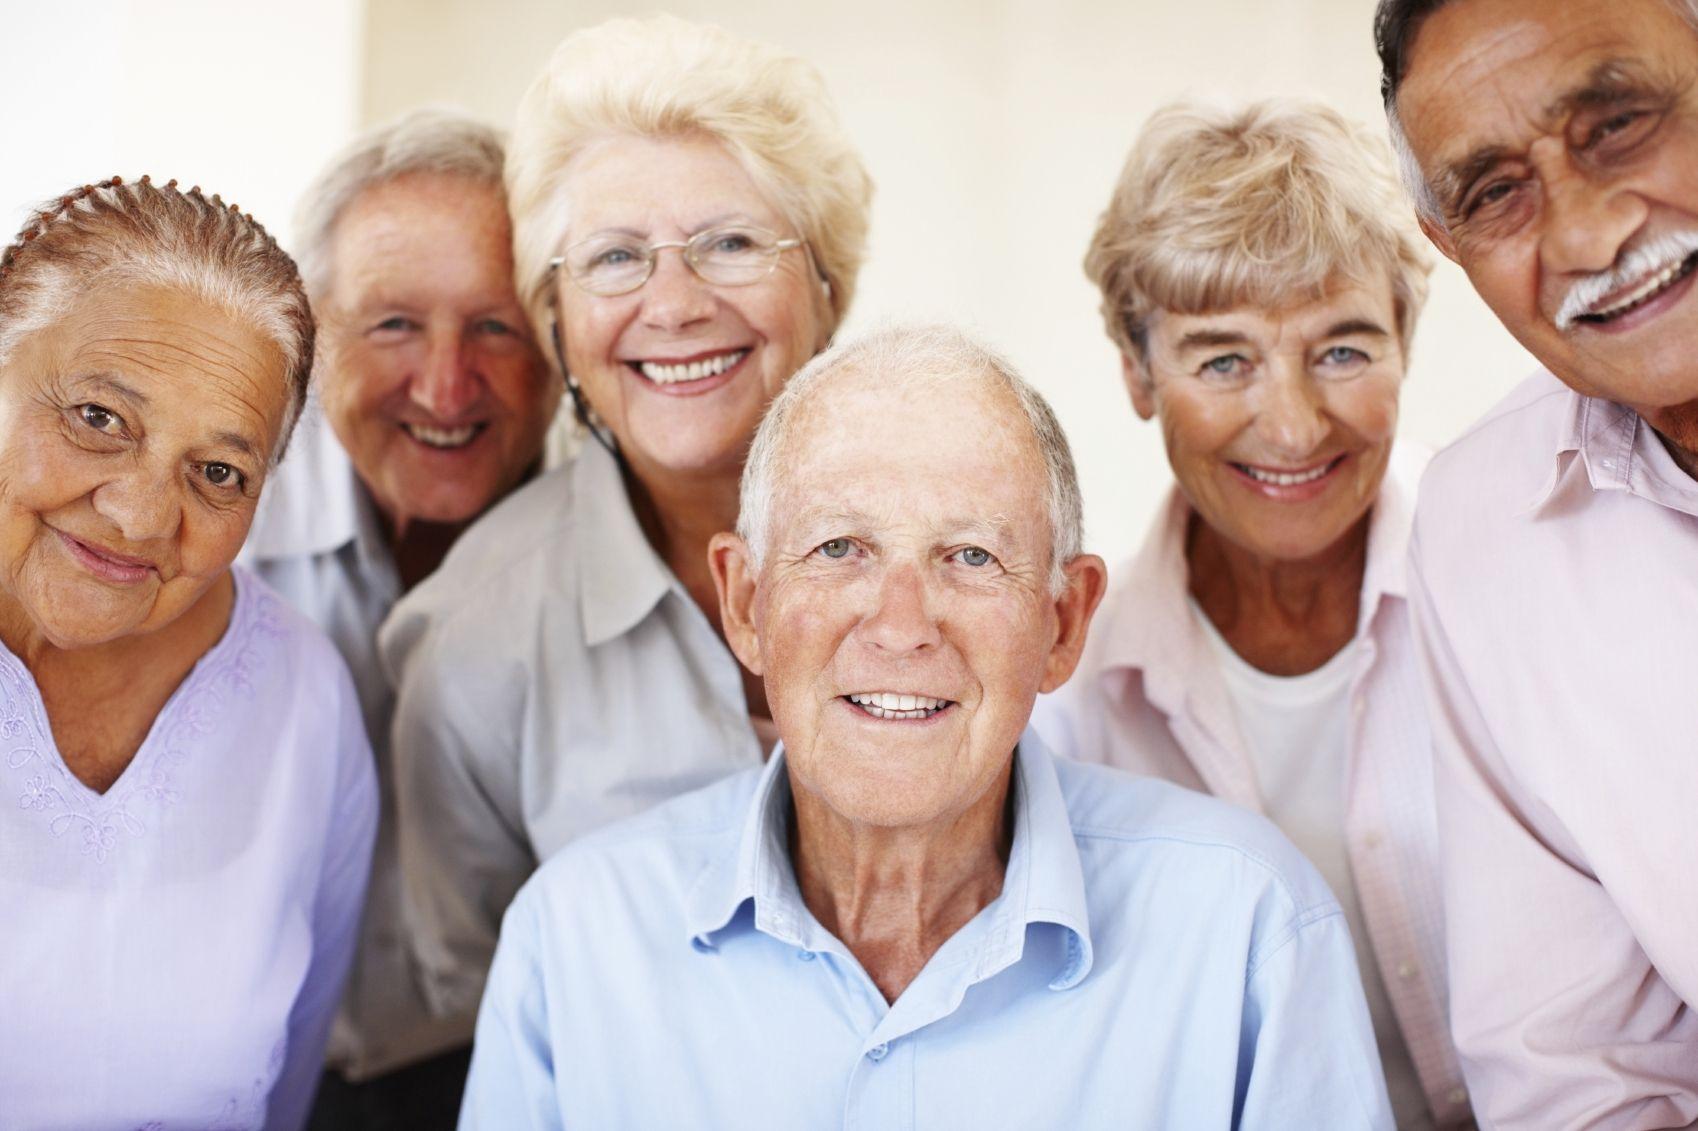 شيخوخة- كبار السن